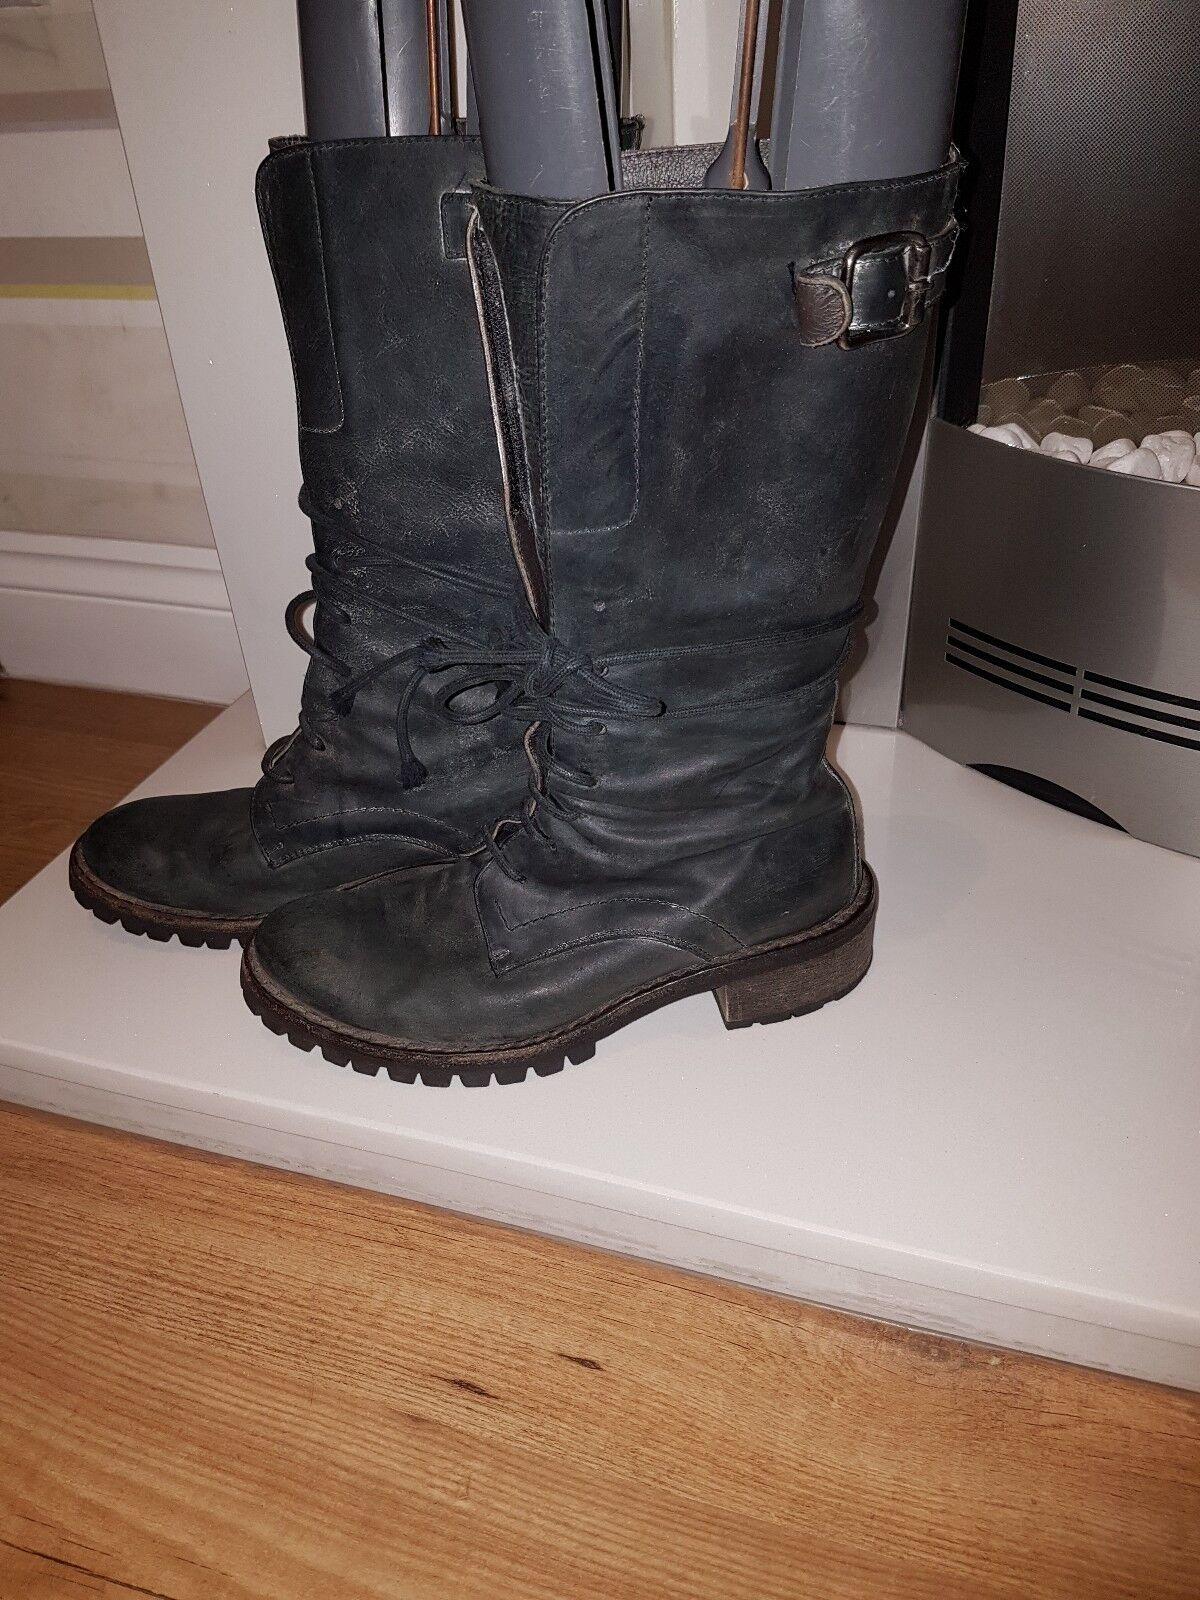 Lama Peach Cayman Bovver Bovver Bovver Stiefel  Größe 38 Uk5 1d0f1a